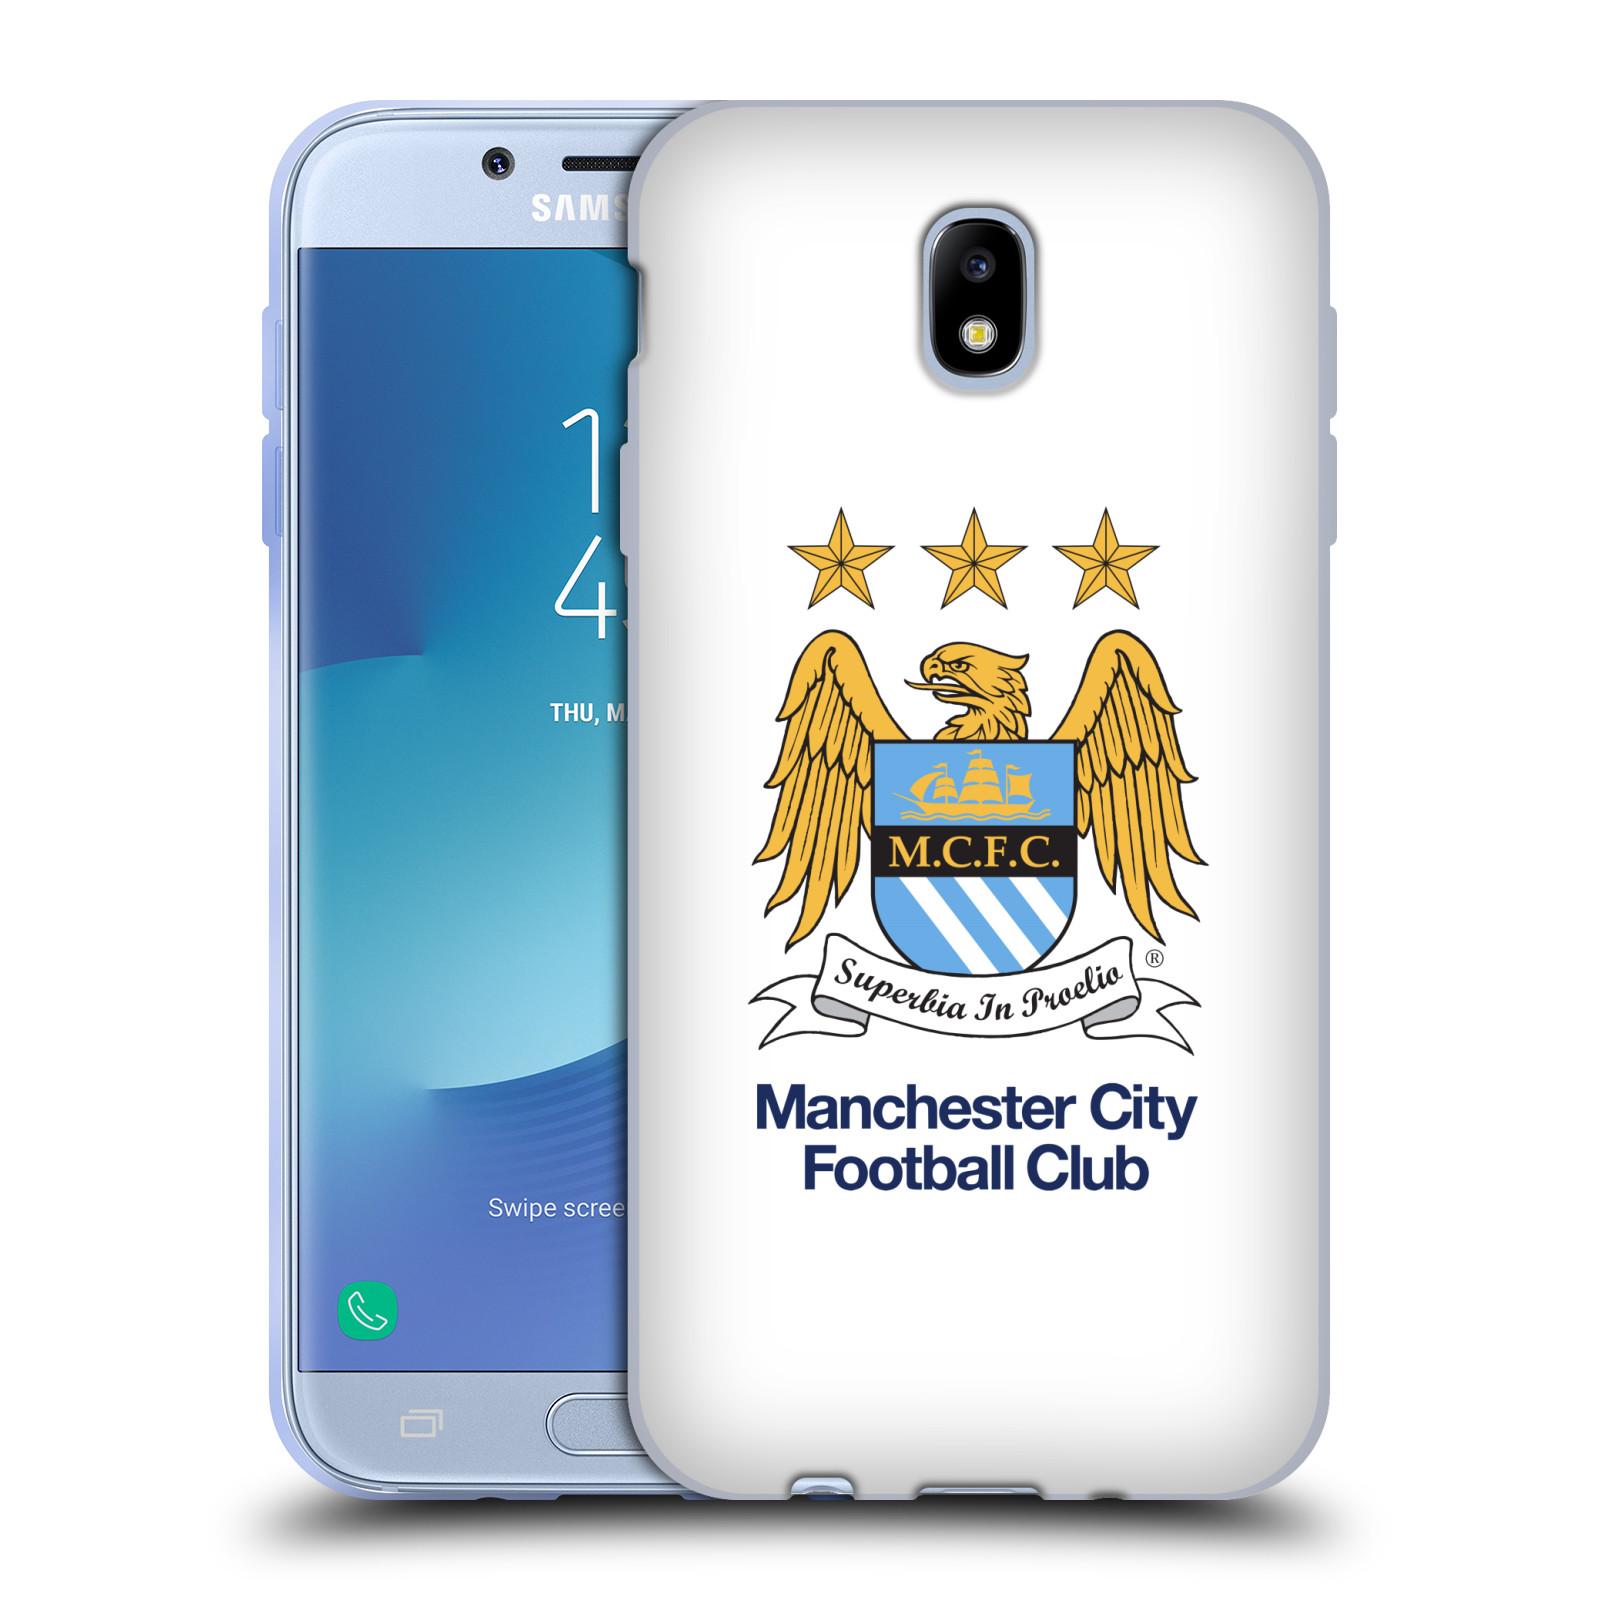 HEAD CASE silikonový obal na mobil Samsung Galaxy J7 2017 Fotbalový klub Manchester City bílé pozadí velký znak pták